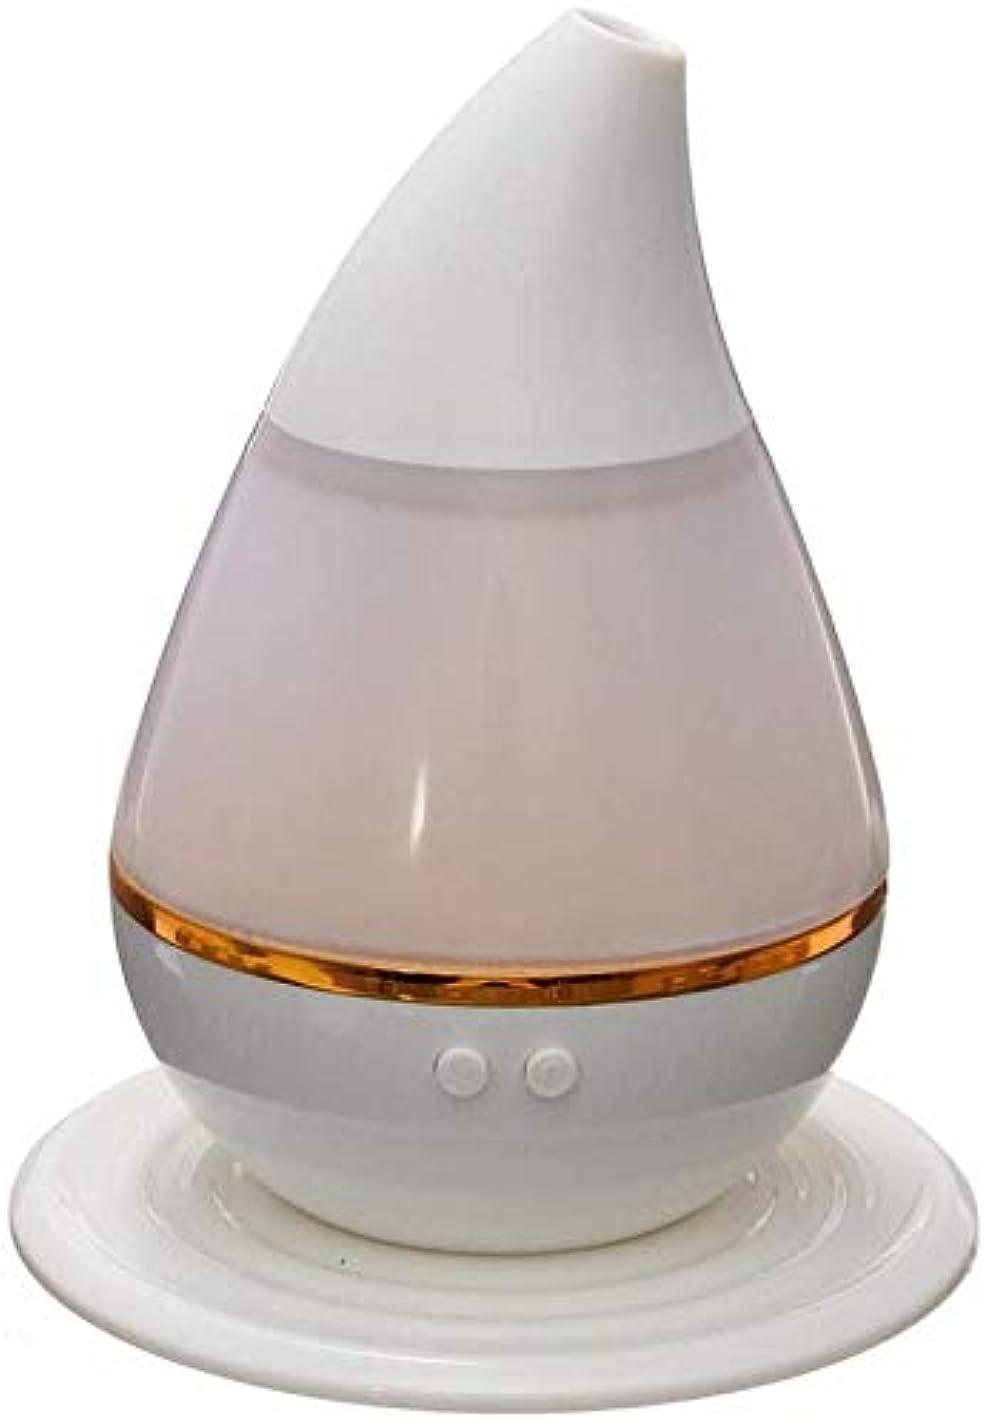 コーラス楽観的矢印SOTCE アロマディフューザー加湿器超音波霧化技術が内蔵水位センサー快適な雰囲気満足のいく解決策 (Color : White)